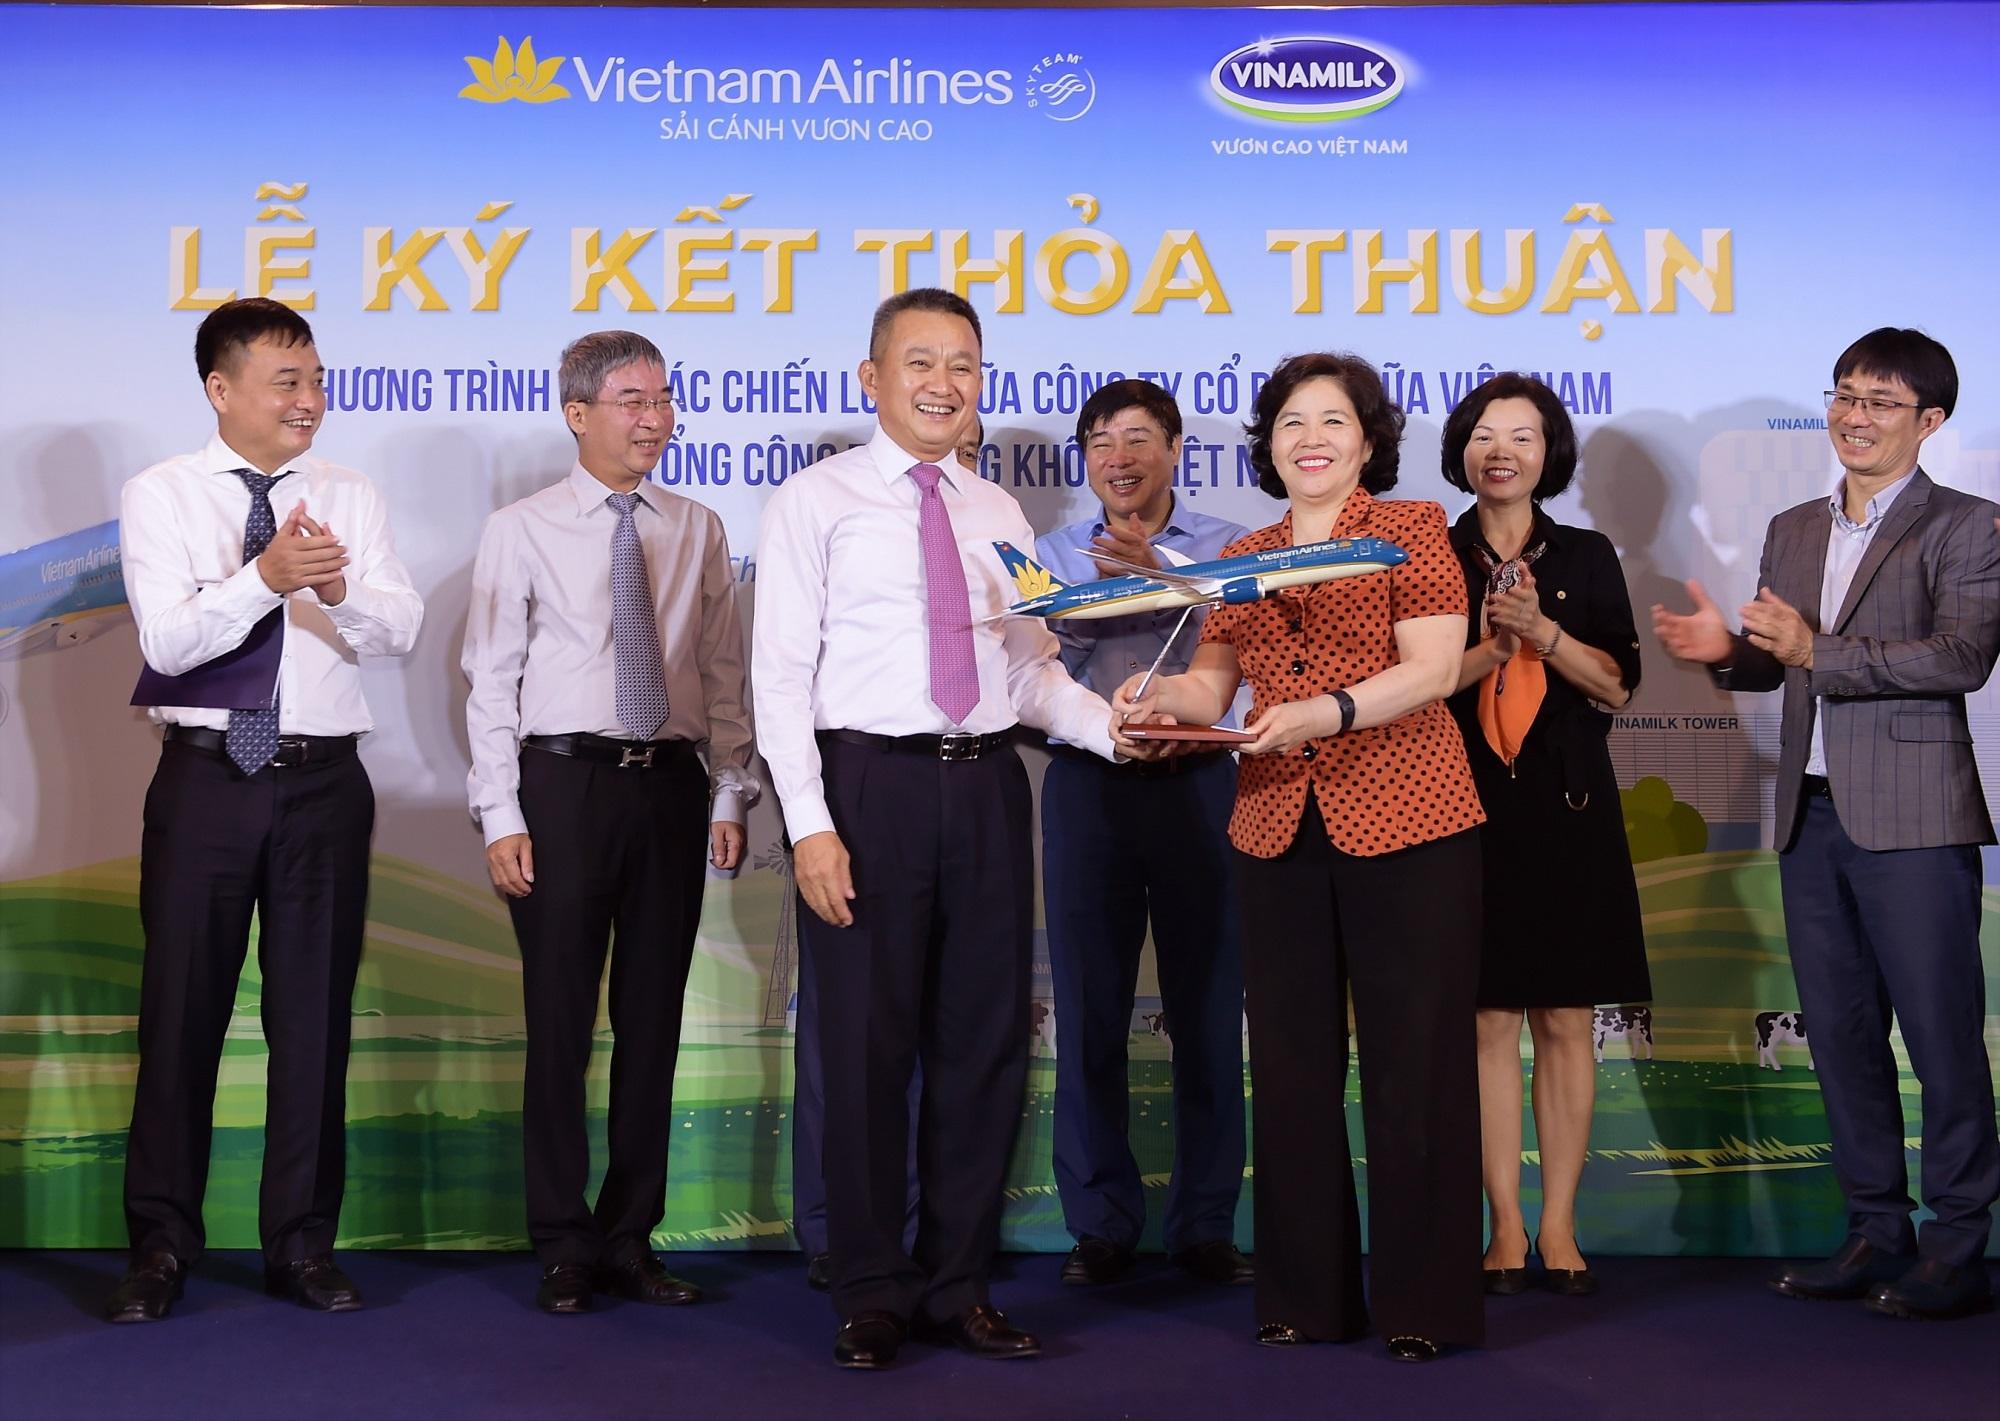 Vietnam Airlines và Vinamilk hợp tác chiến lược cùng phát triển thương hiệu vươn tầm quốc tế - Ảnh 5